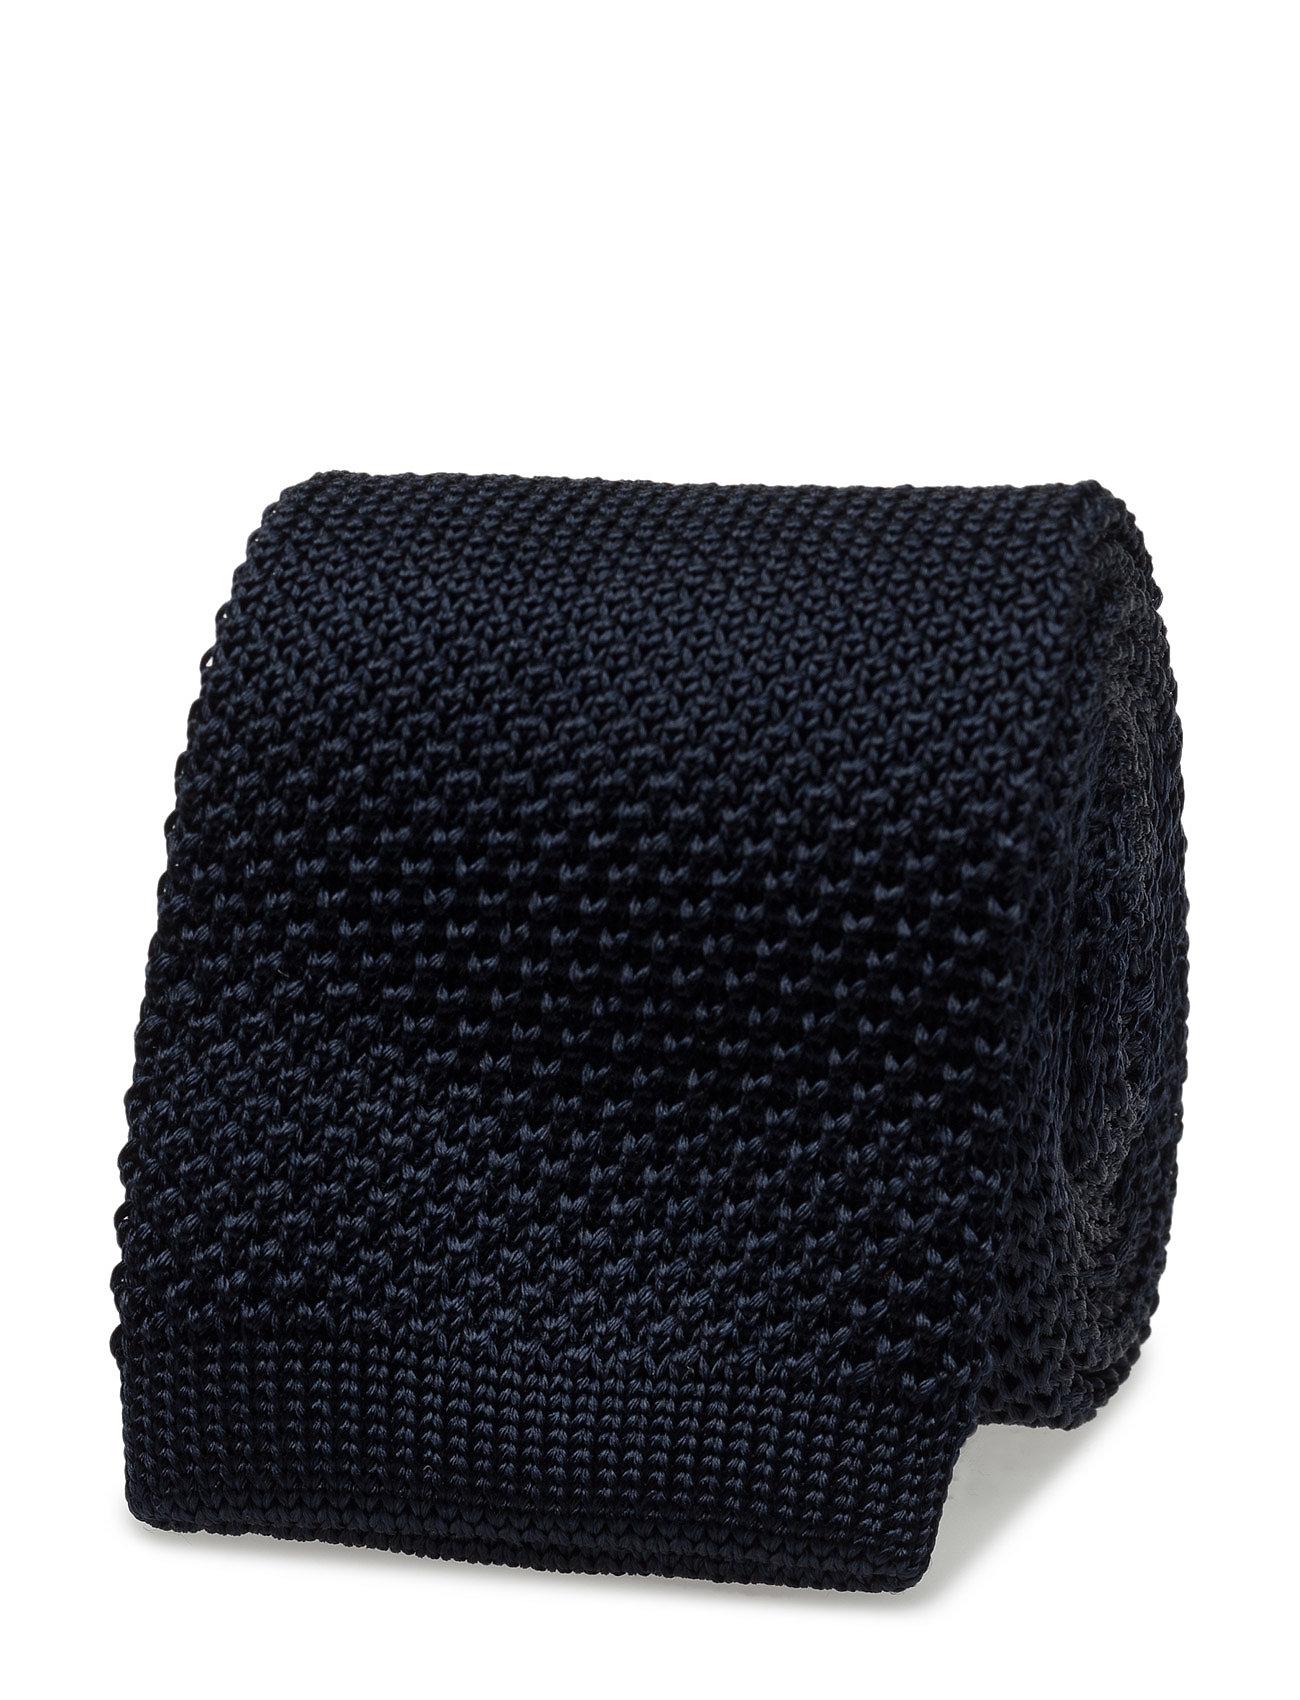 Knit Tie Ttssld17207 Tommy Hilfiger Tailored Accessories til Mænd i Blå